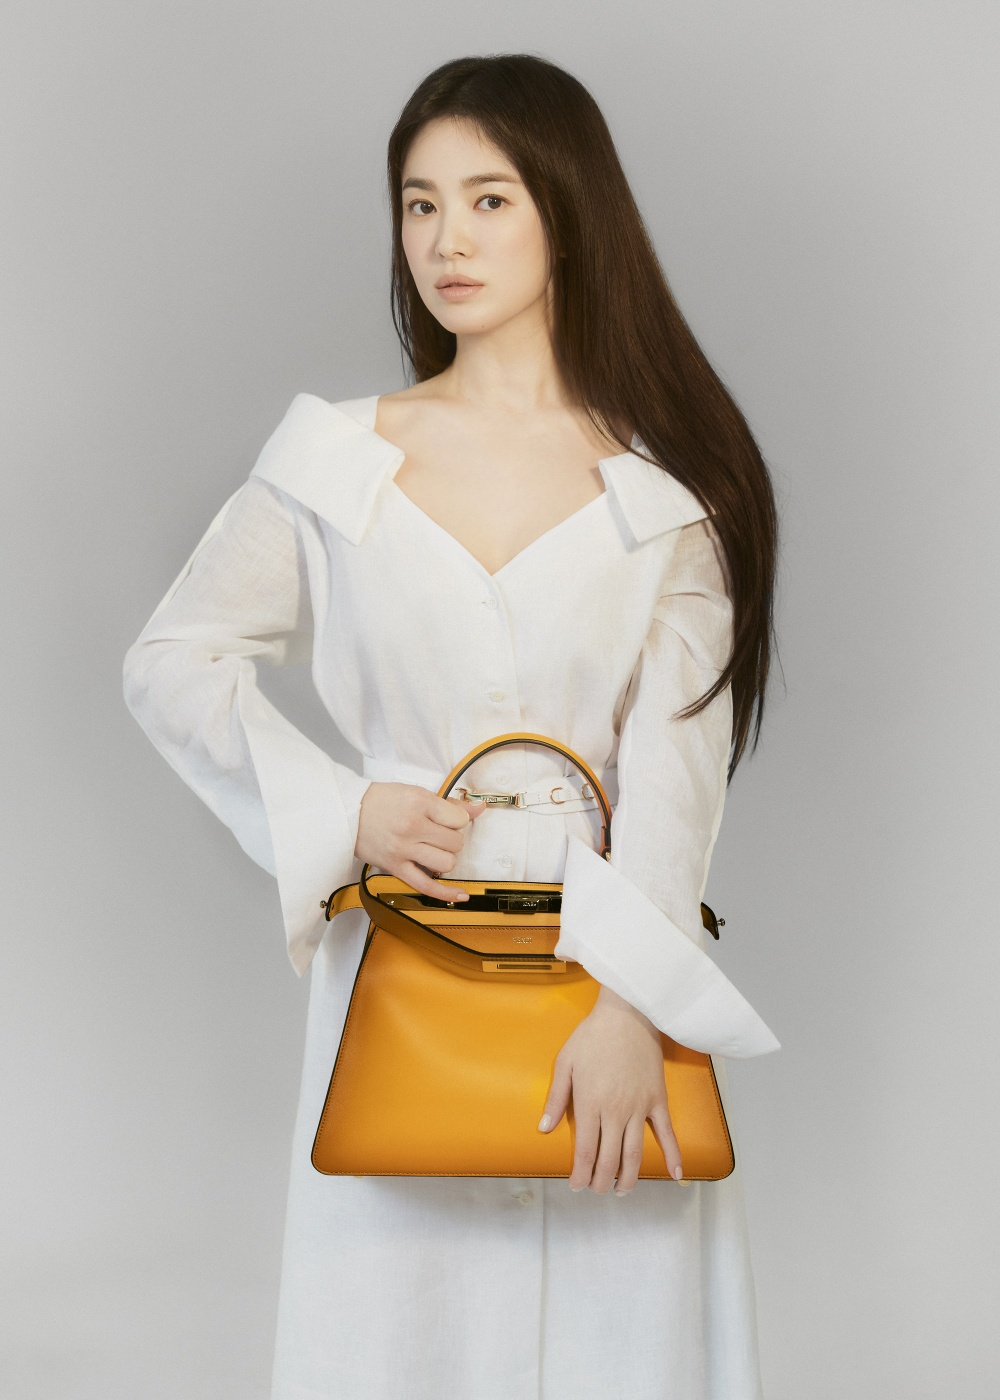 Song Hye Kyo đẹp thanh thoát như hoa dại ở tuổi 40! Ảnh 3